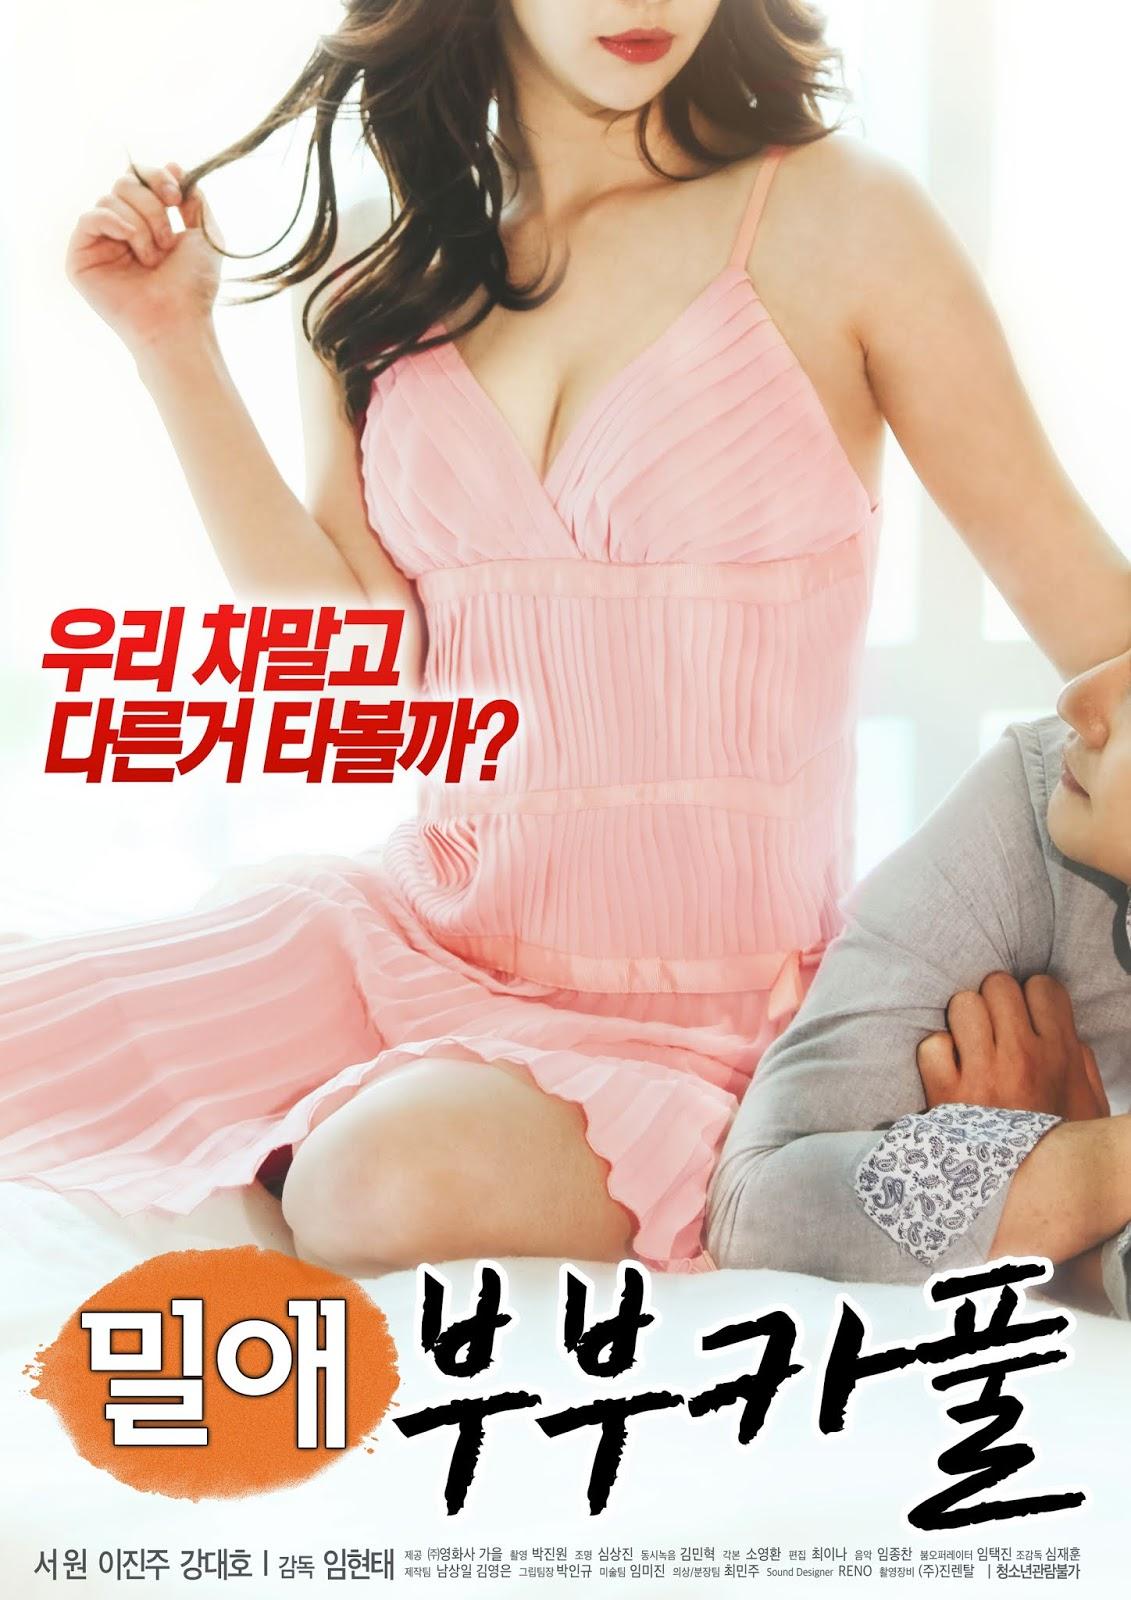 Love Affair Married Couple Carpool Full Korea 18+ Adult Movie Online Free